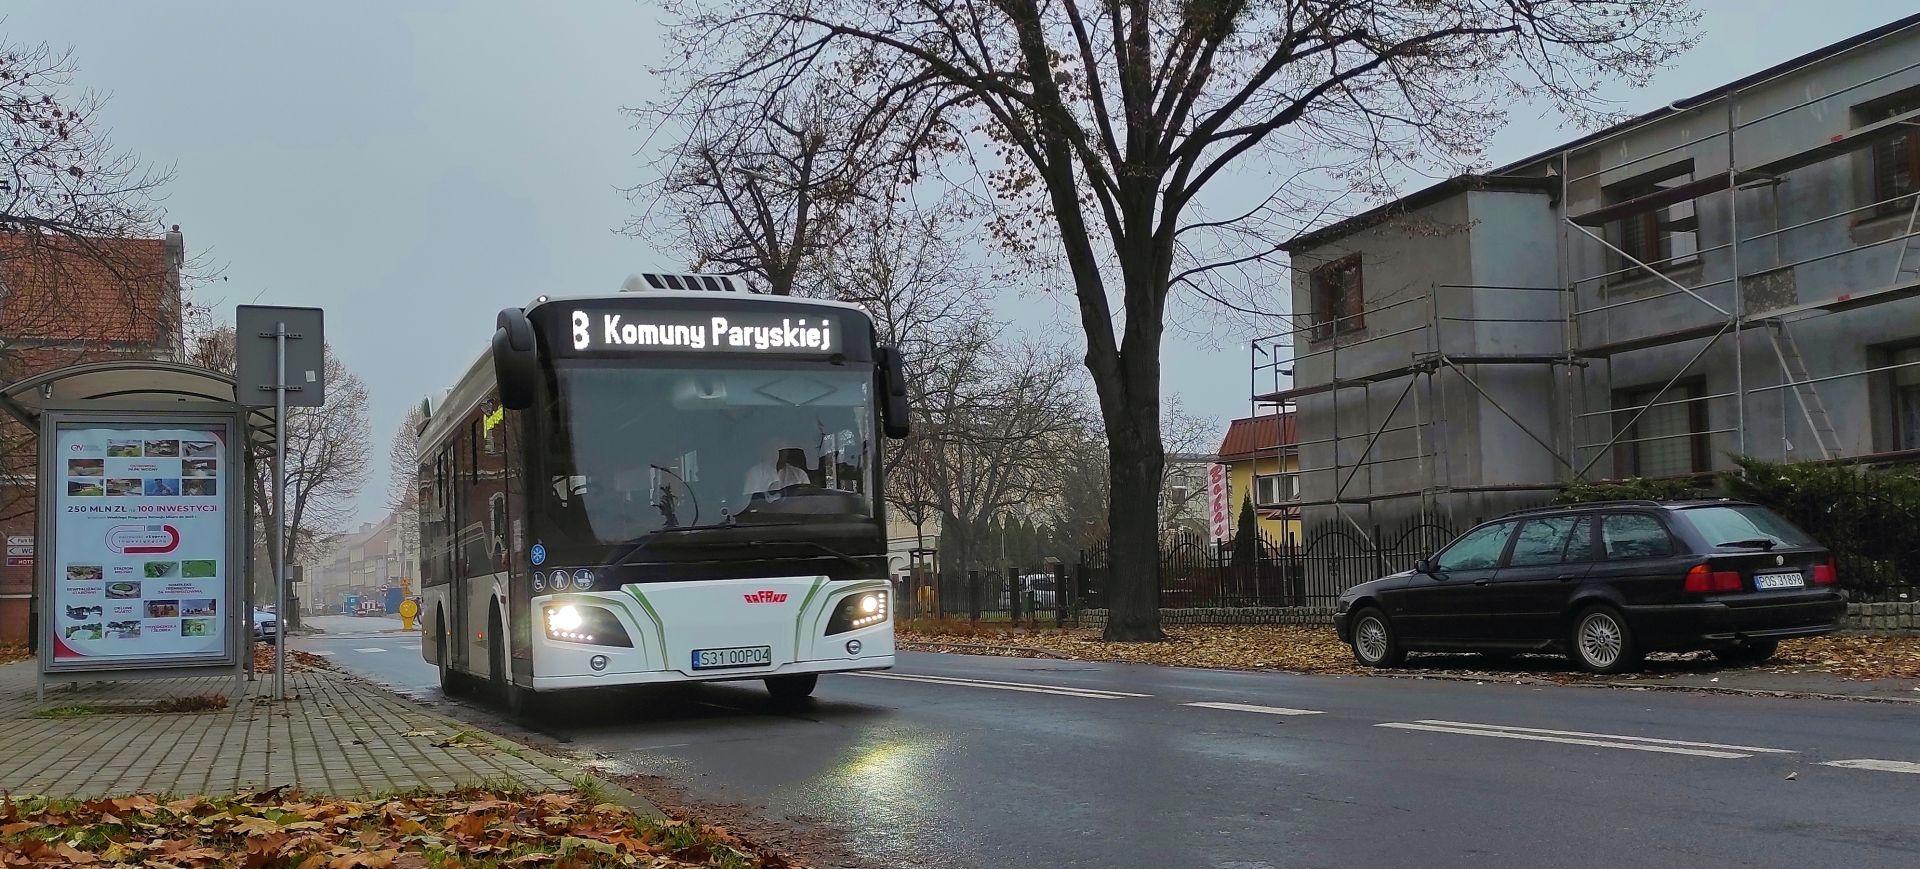 Nowy autobus na testach